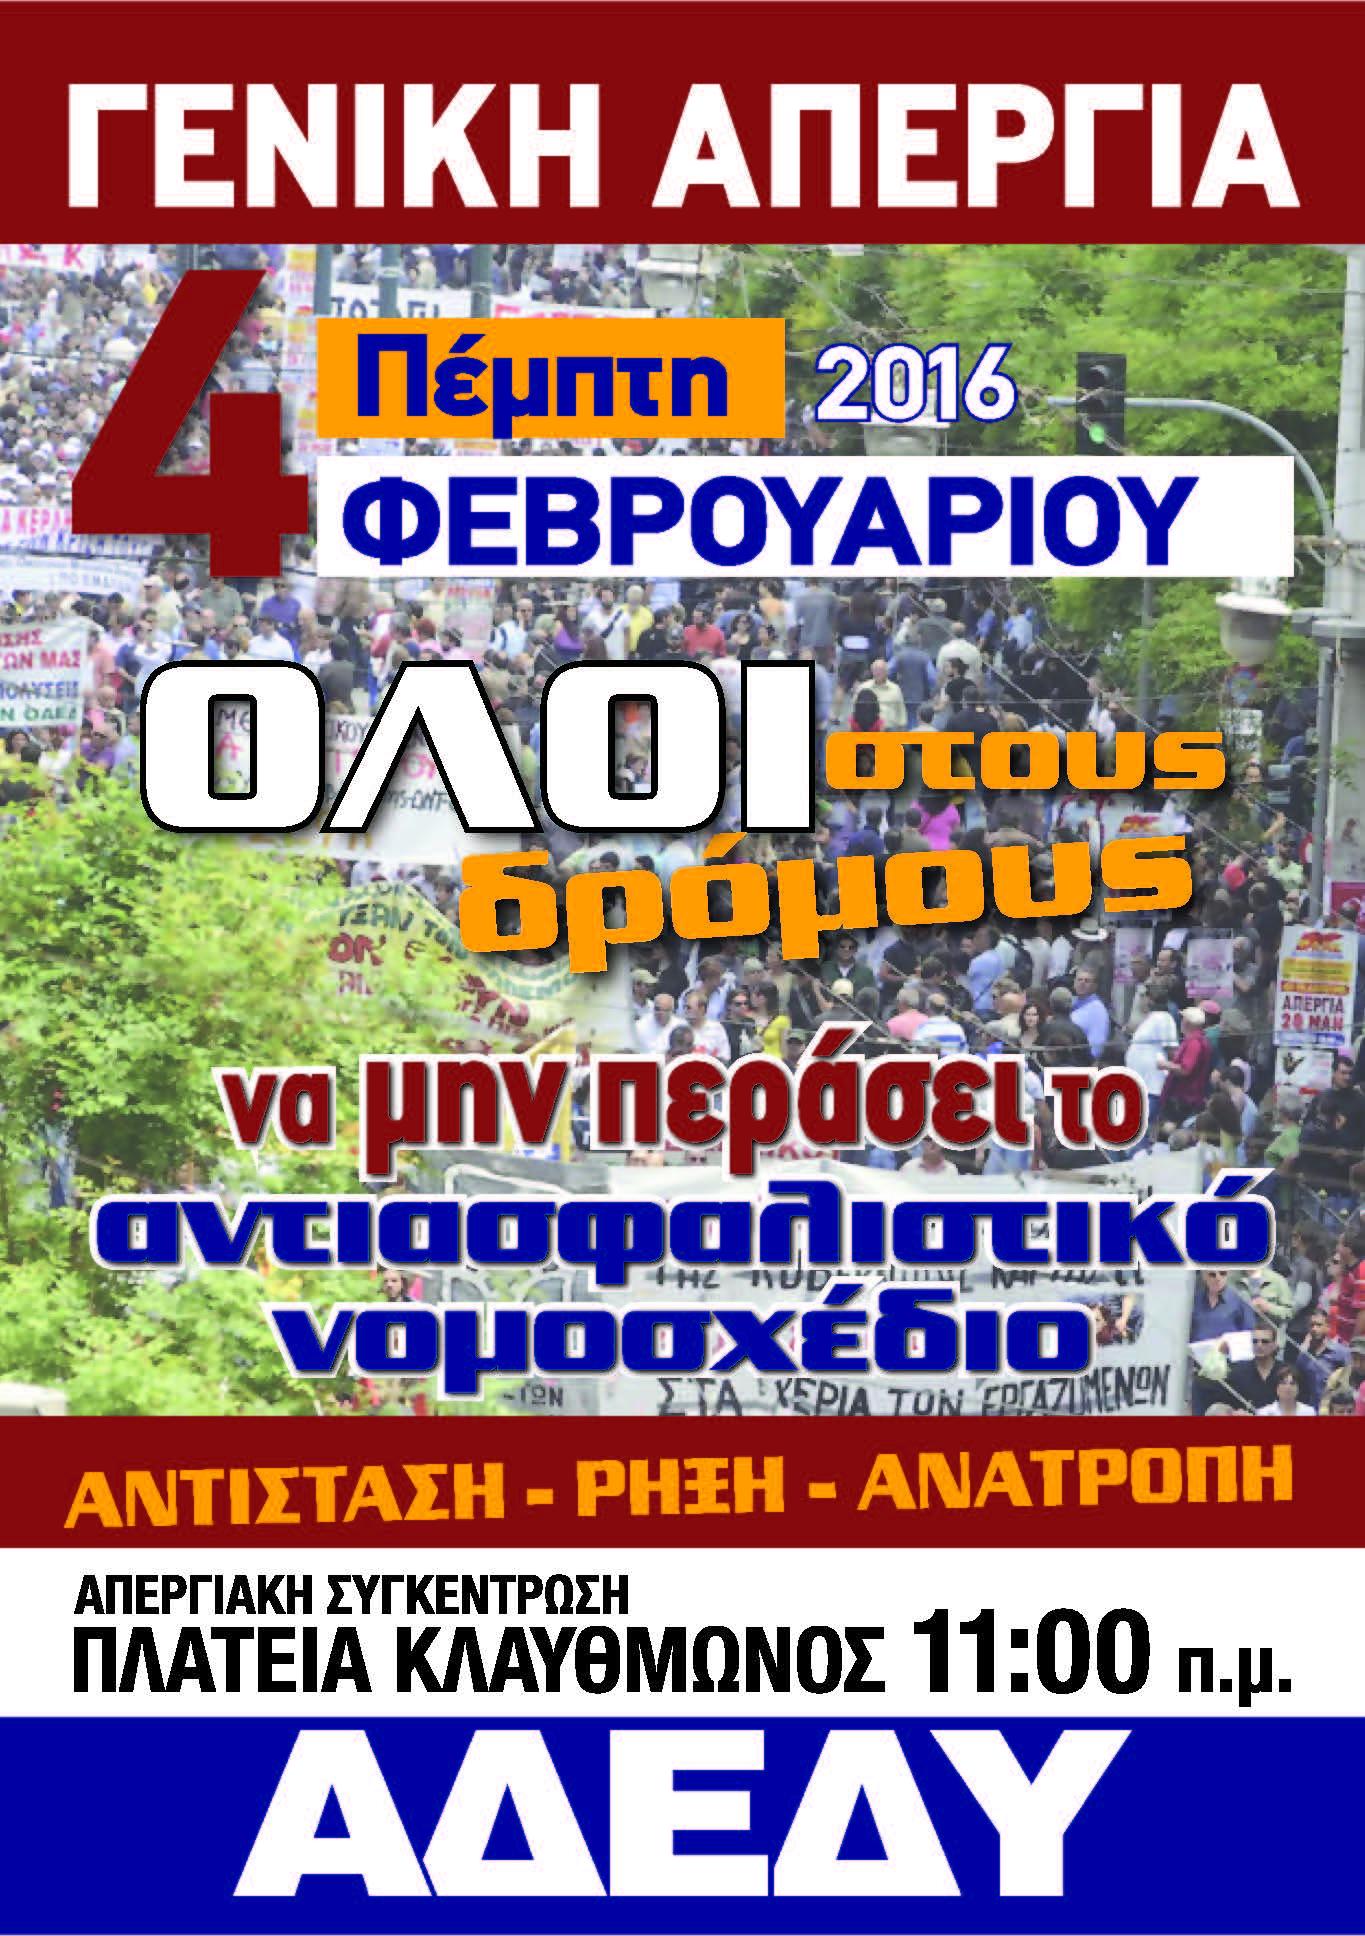 2016-01-21_Afissa-24ori-Geniki-Apergia-ADEDY-4-feb-2016-Athens